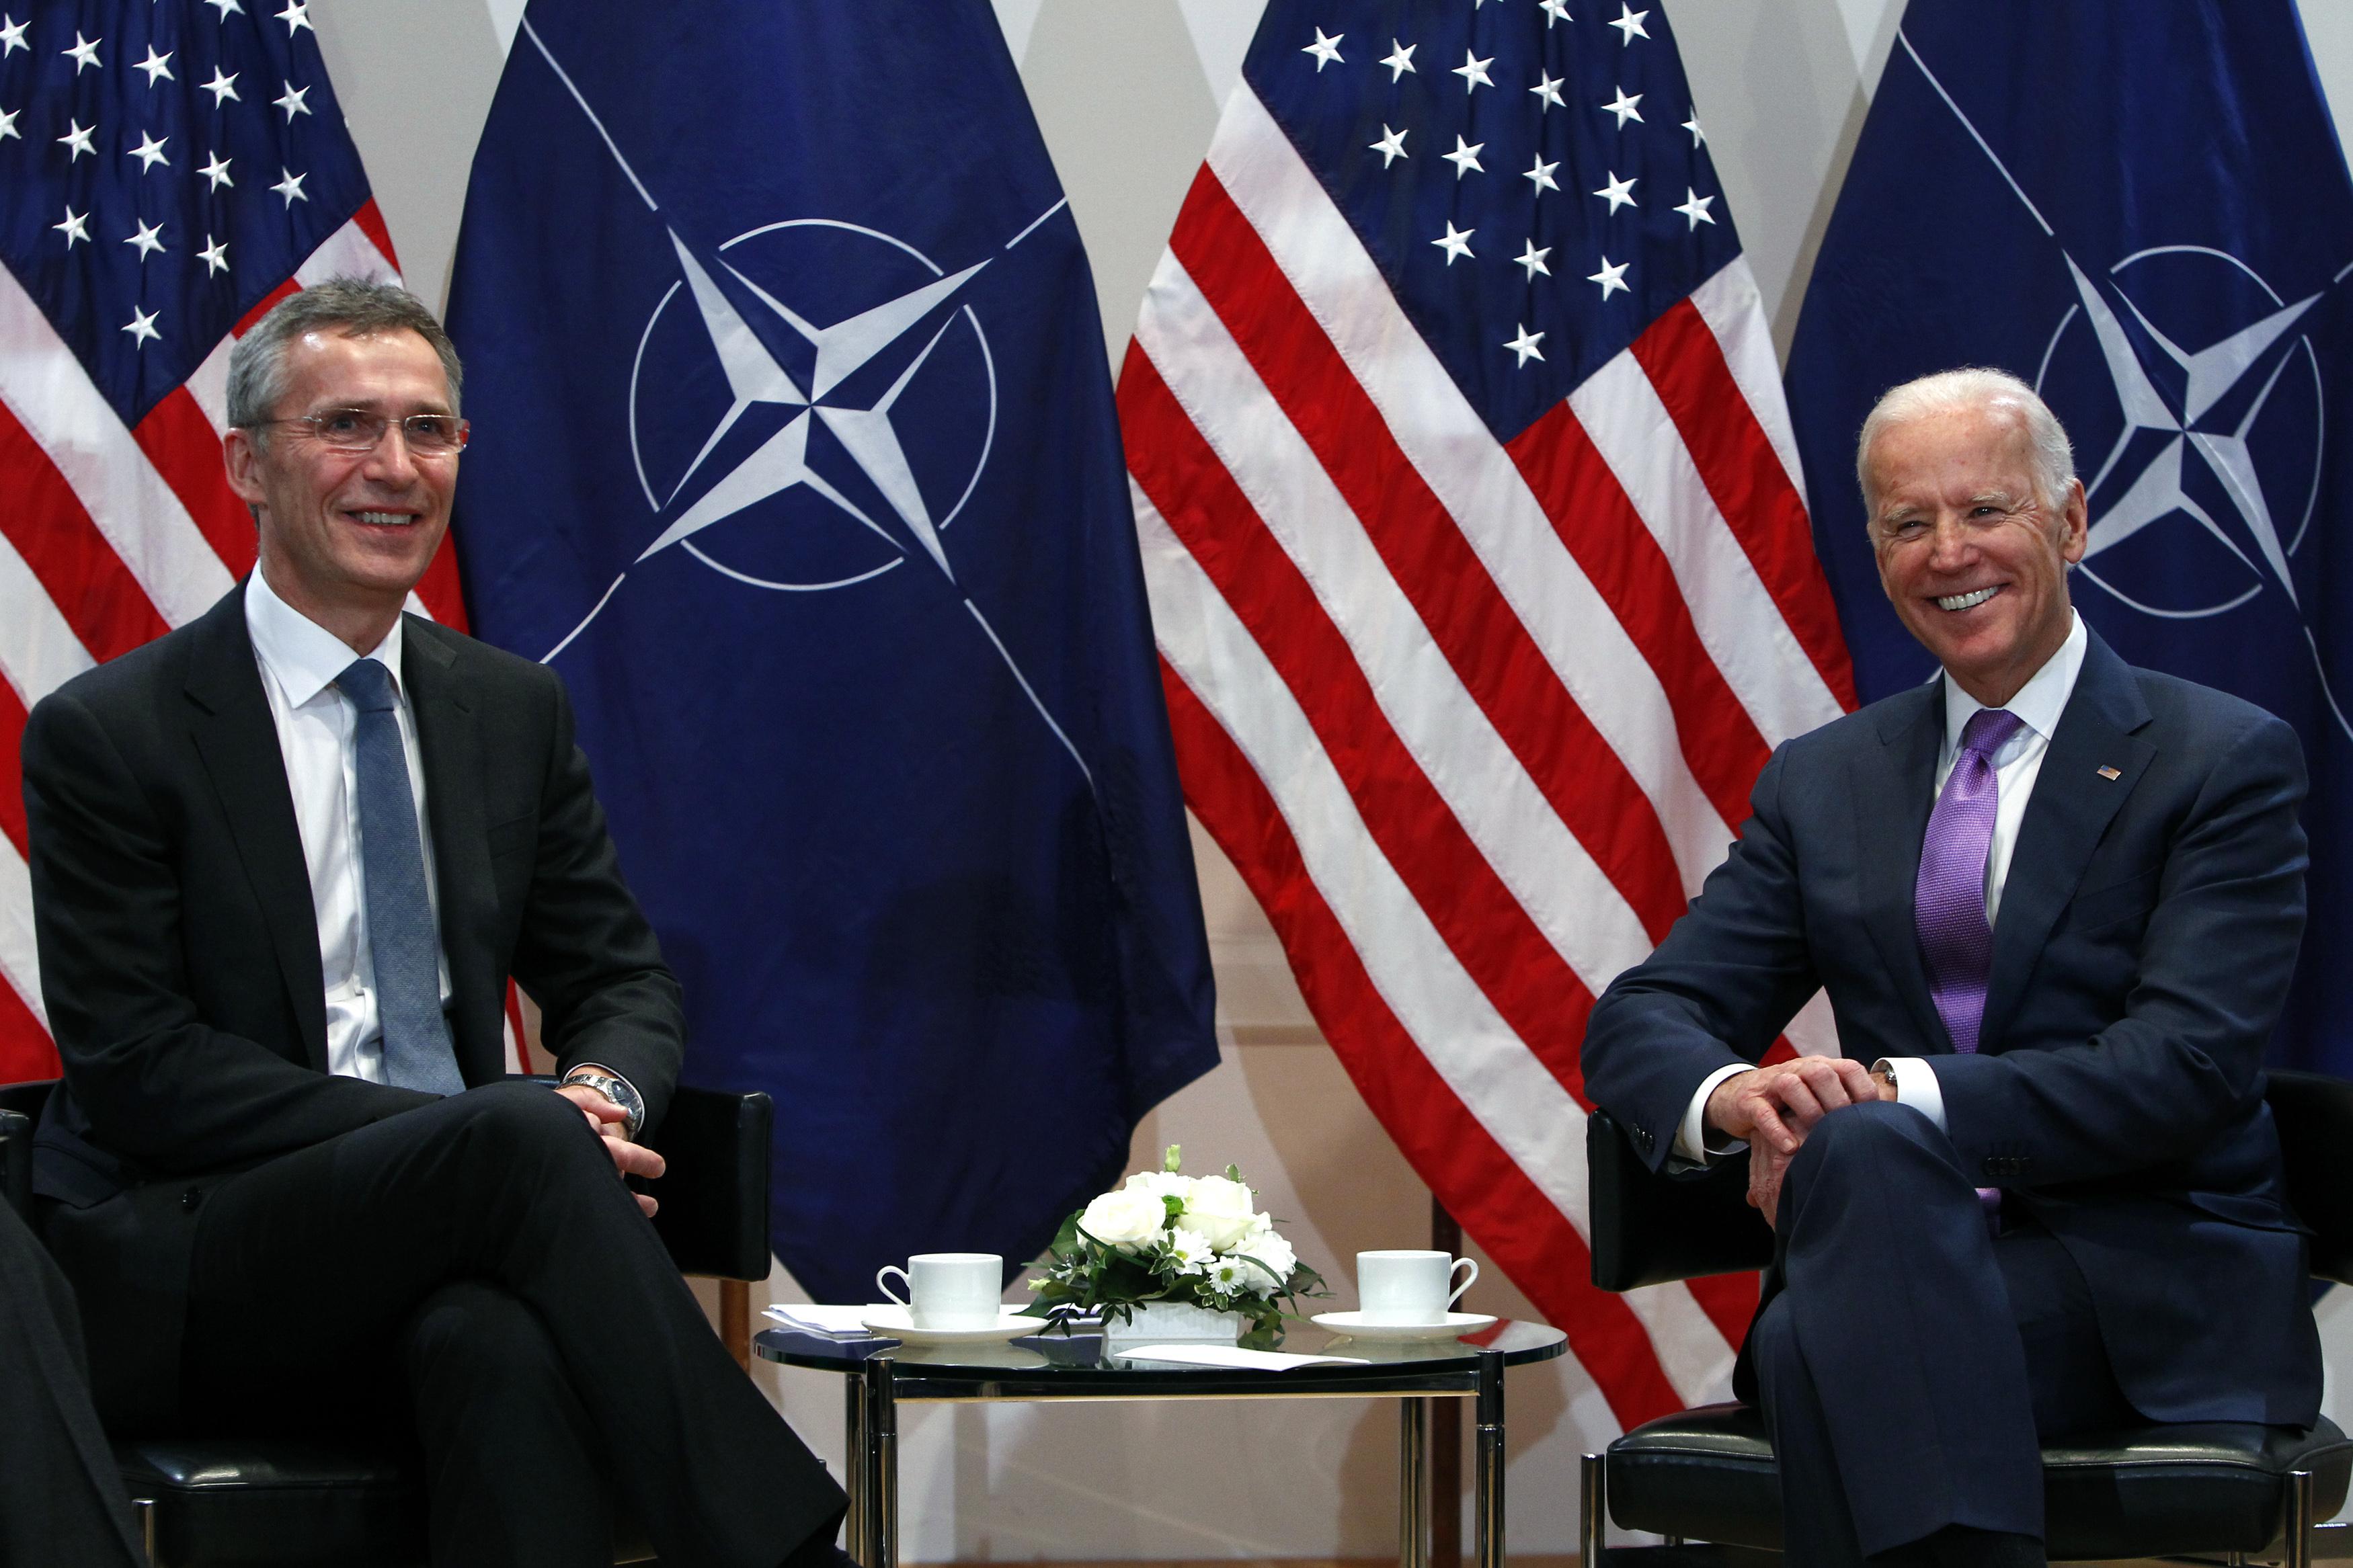 Revitalizing America's alliances